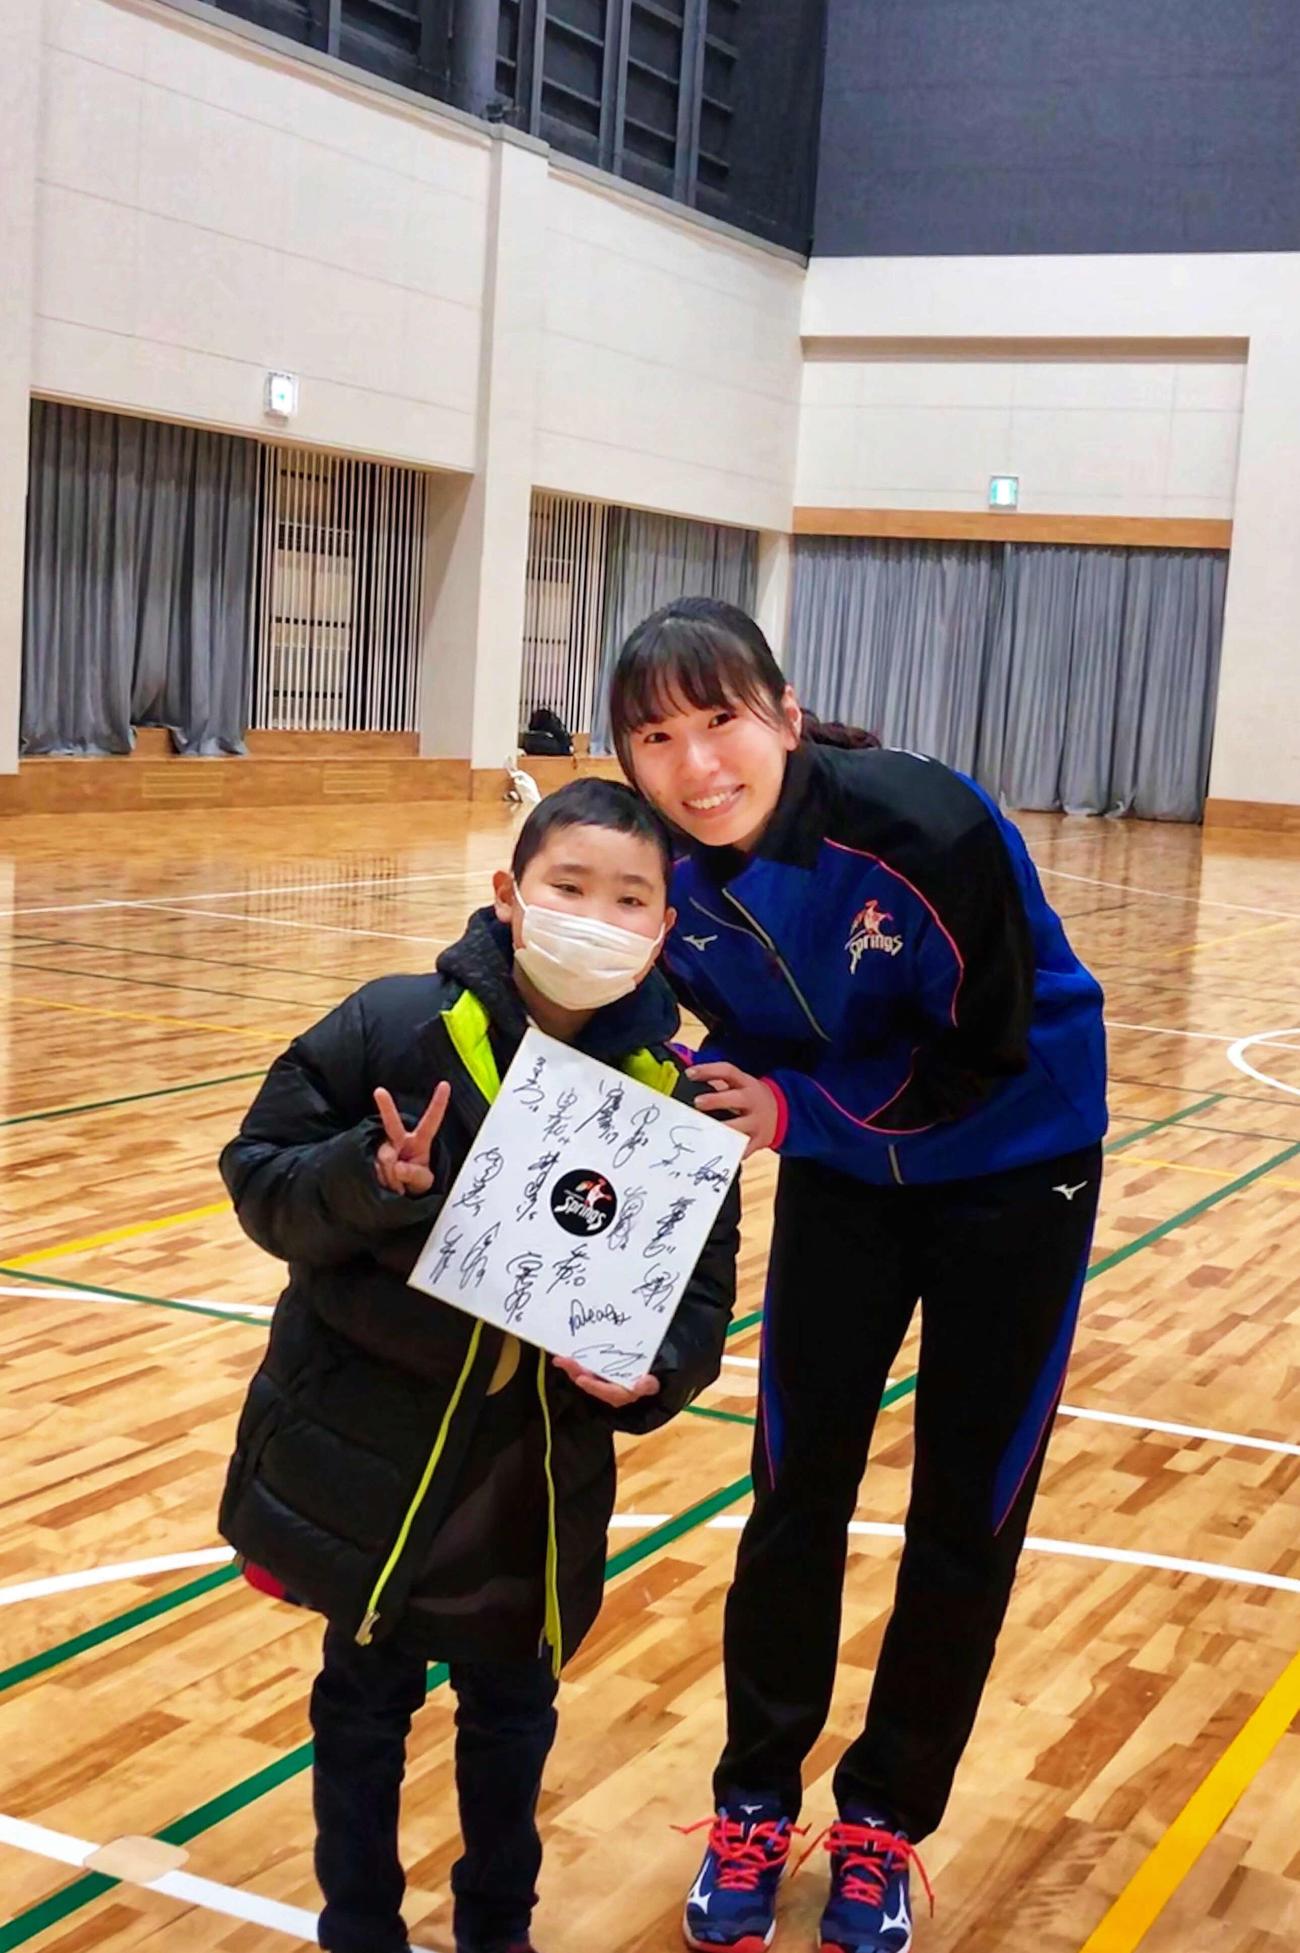 2019年12月に開かれた福岡県久留米アリーナでの試合後、新鍋と写真を撮る松本君(左)